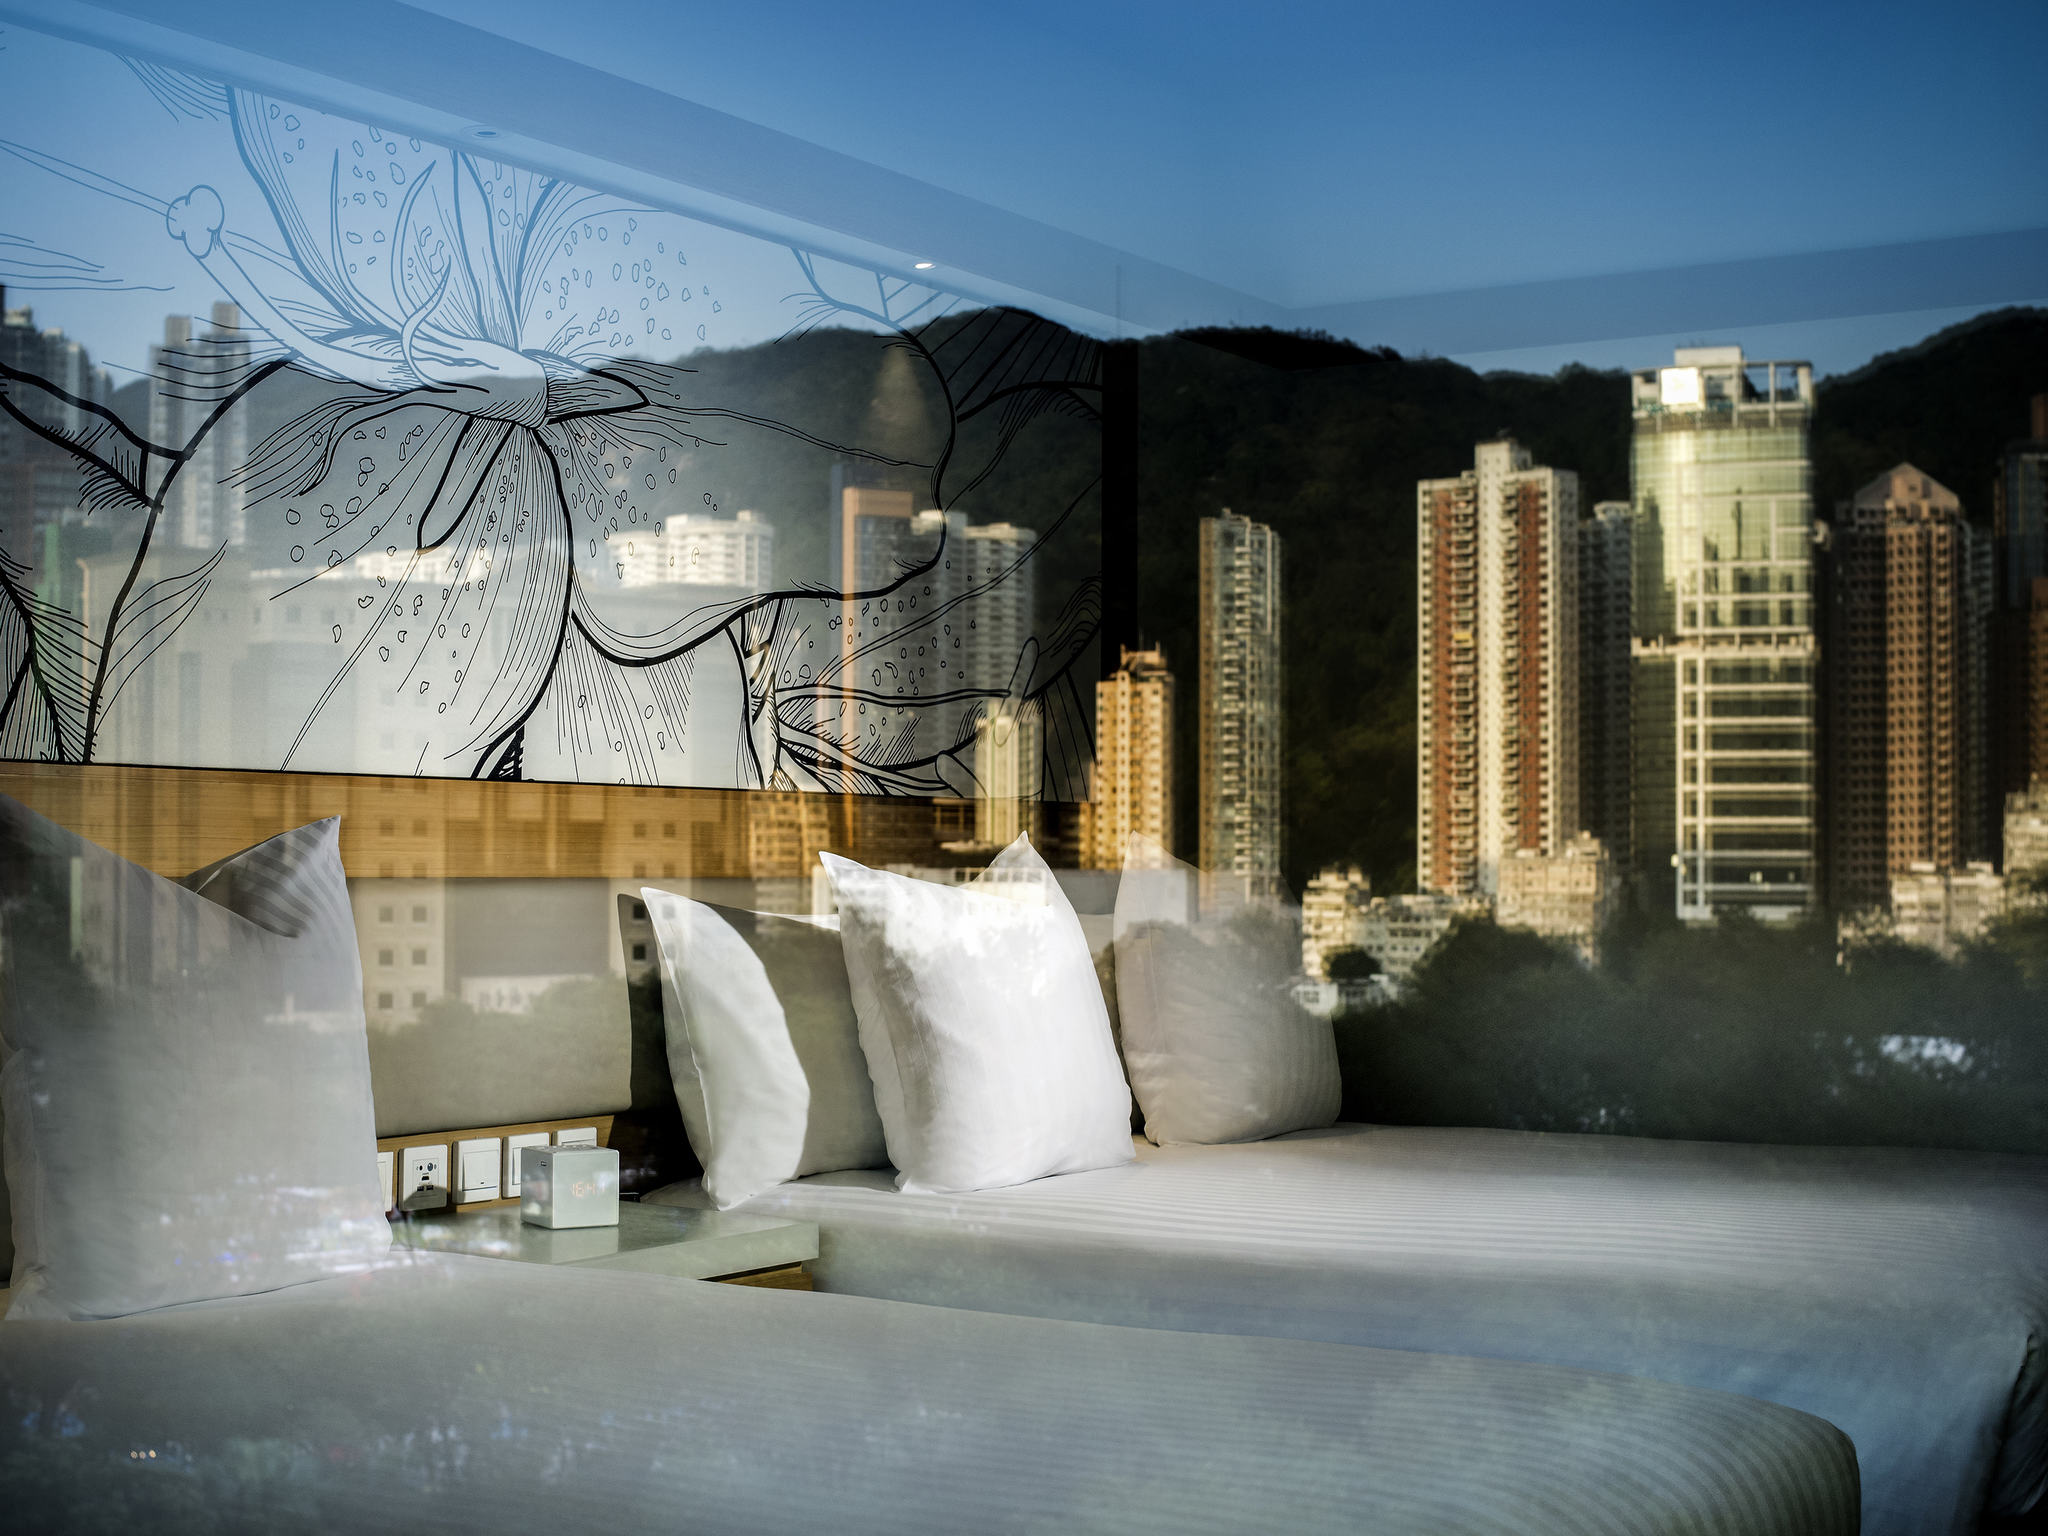 โรงแรม – เดอะ พาร์ค เลน ฮ่องกง โฮเทล พูลแมน